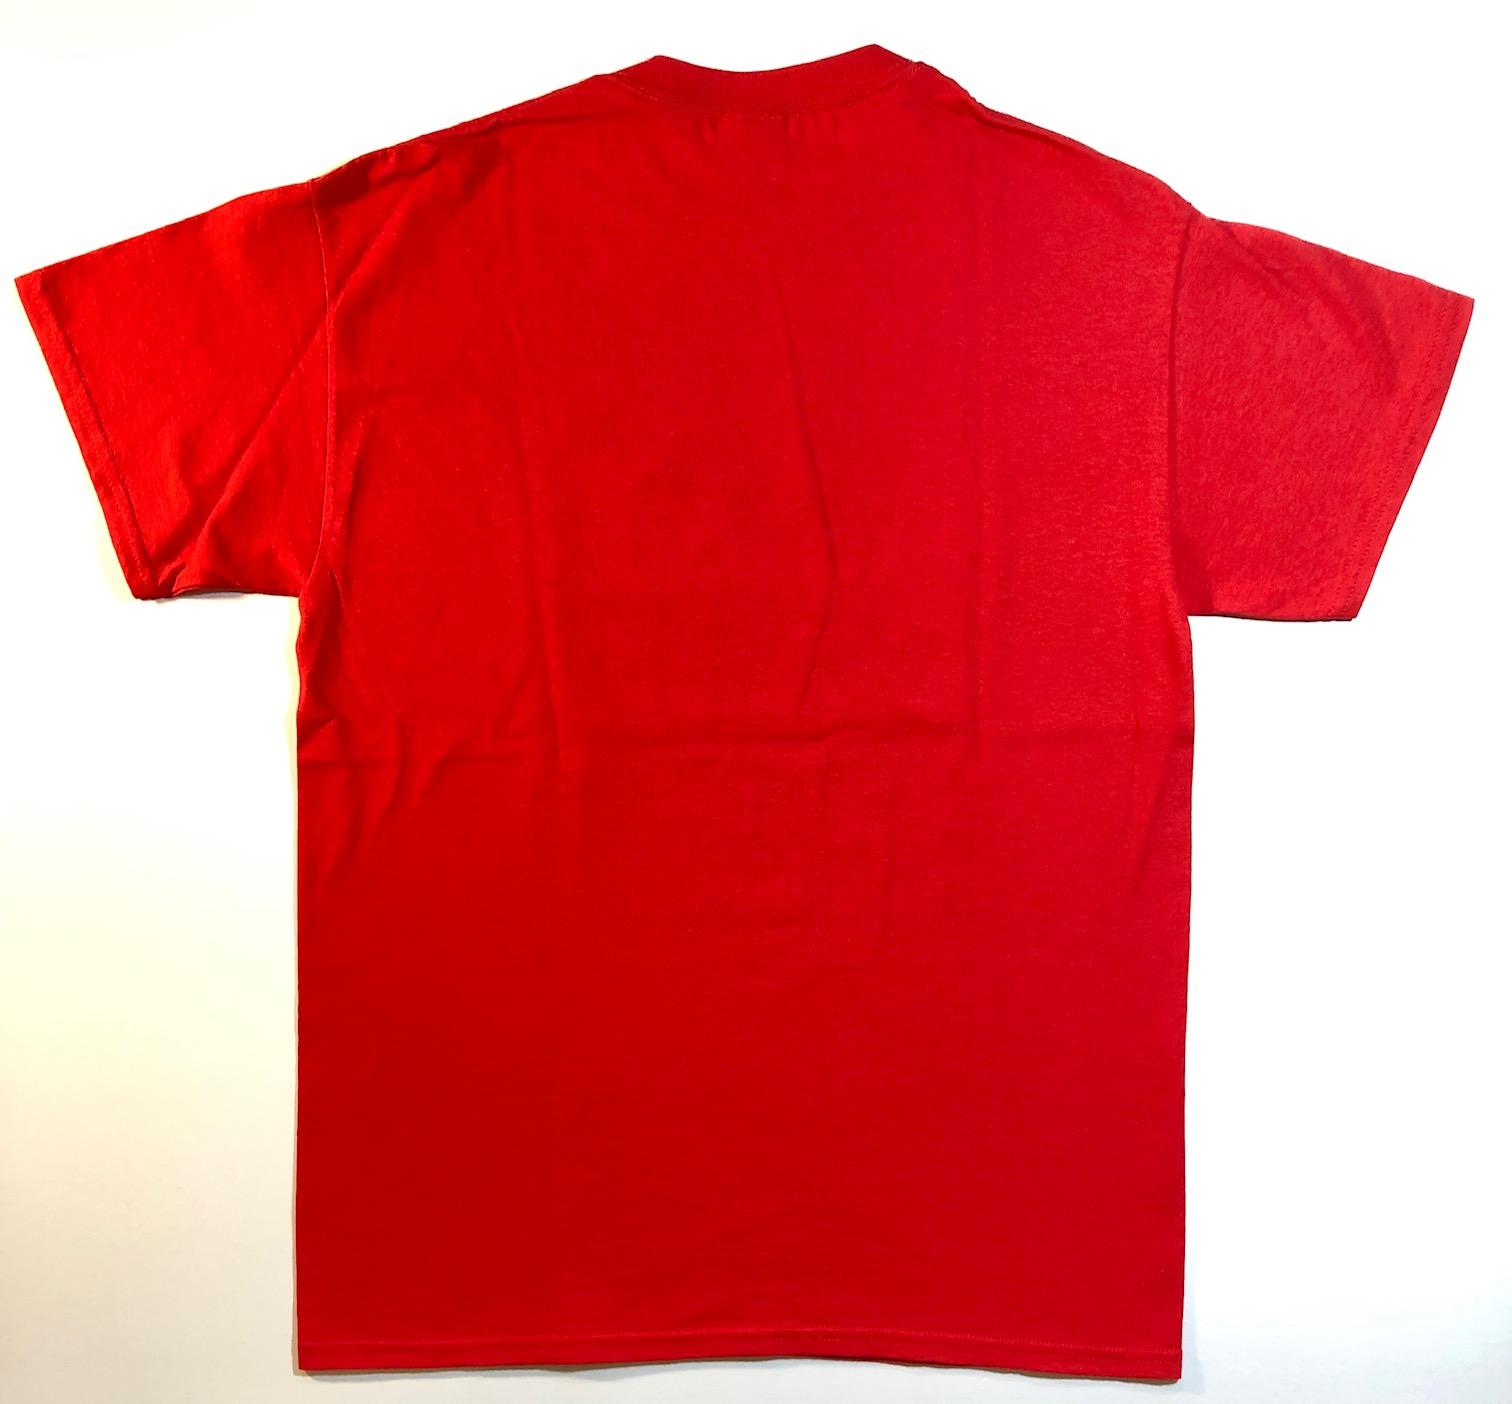 gw tshirt 1 - back